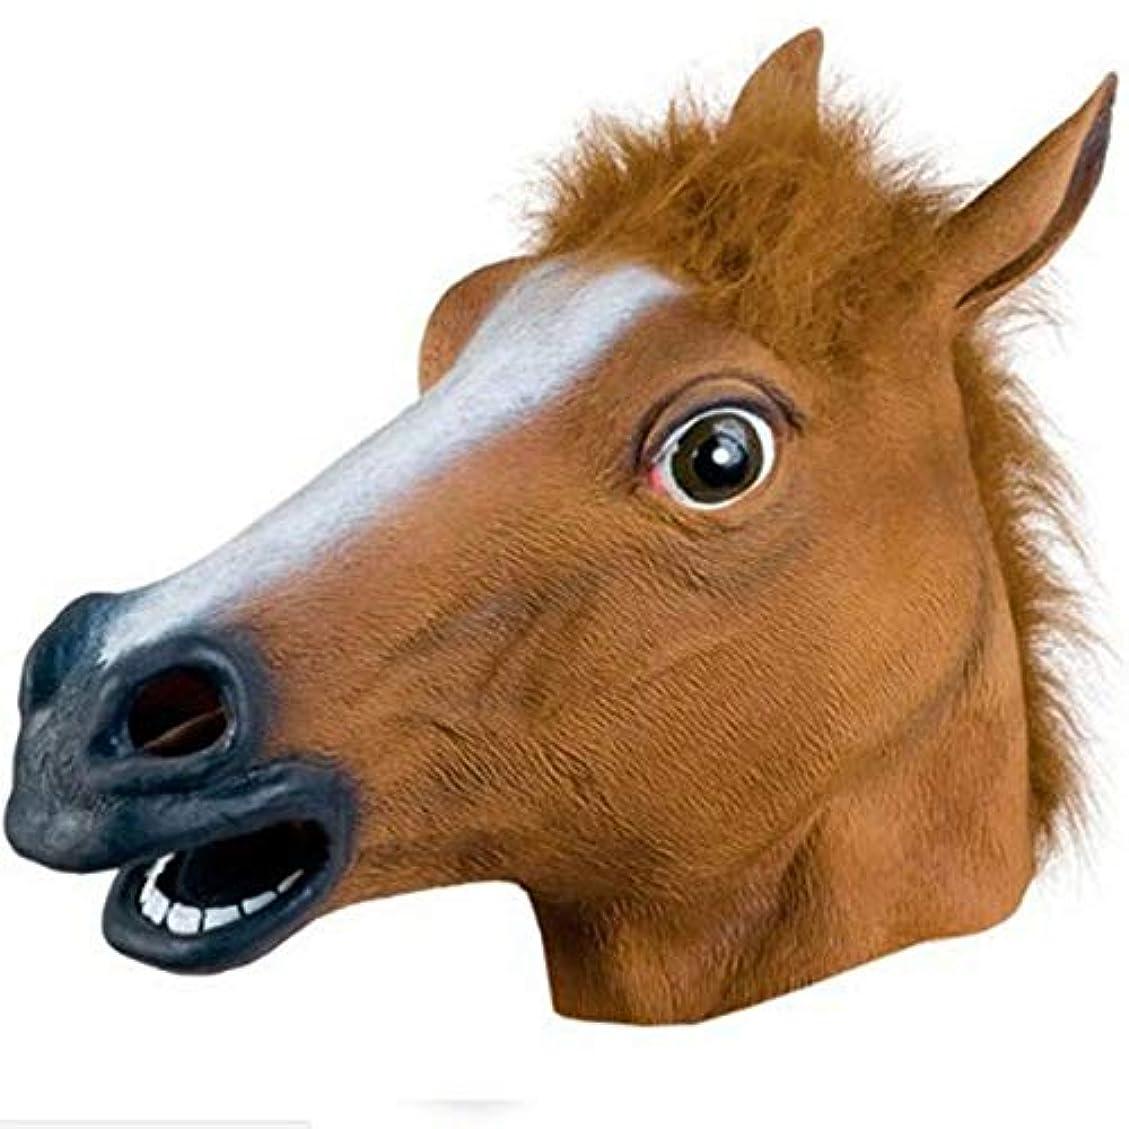 レインコート配偶者アラブ馬の頭の仮面舞踏会おかしい面白いハロウィーンの馬の頭のマスクのかつら,ブラウン